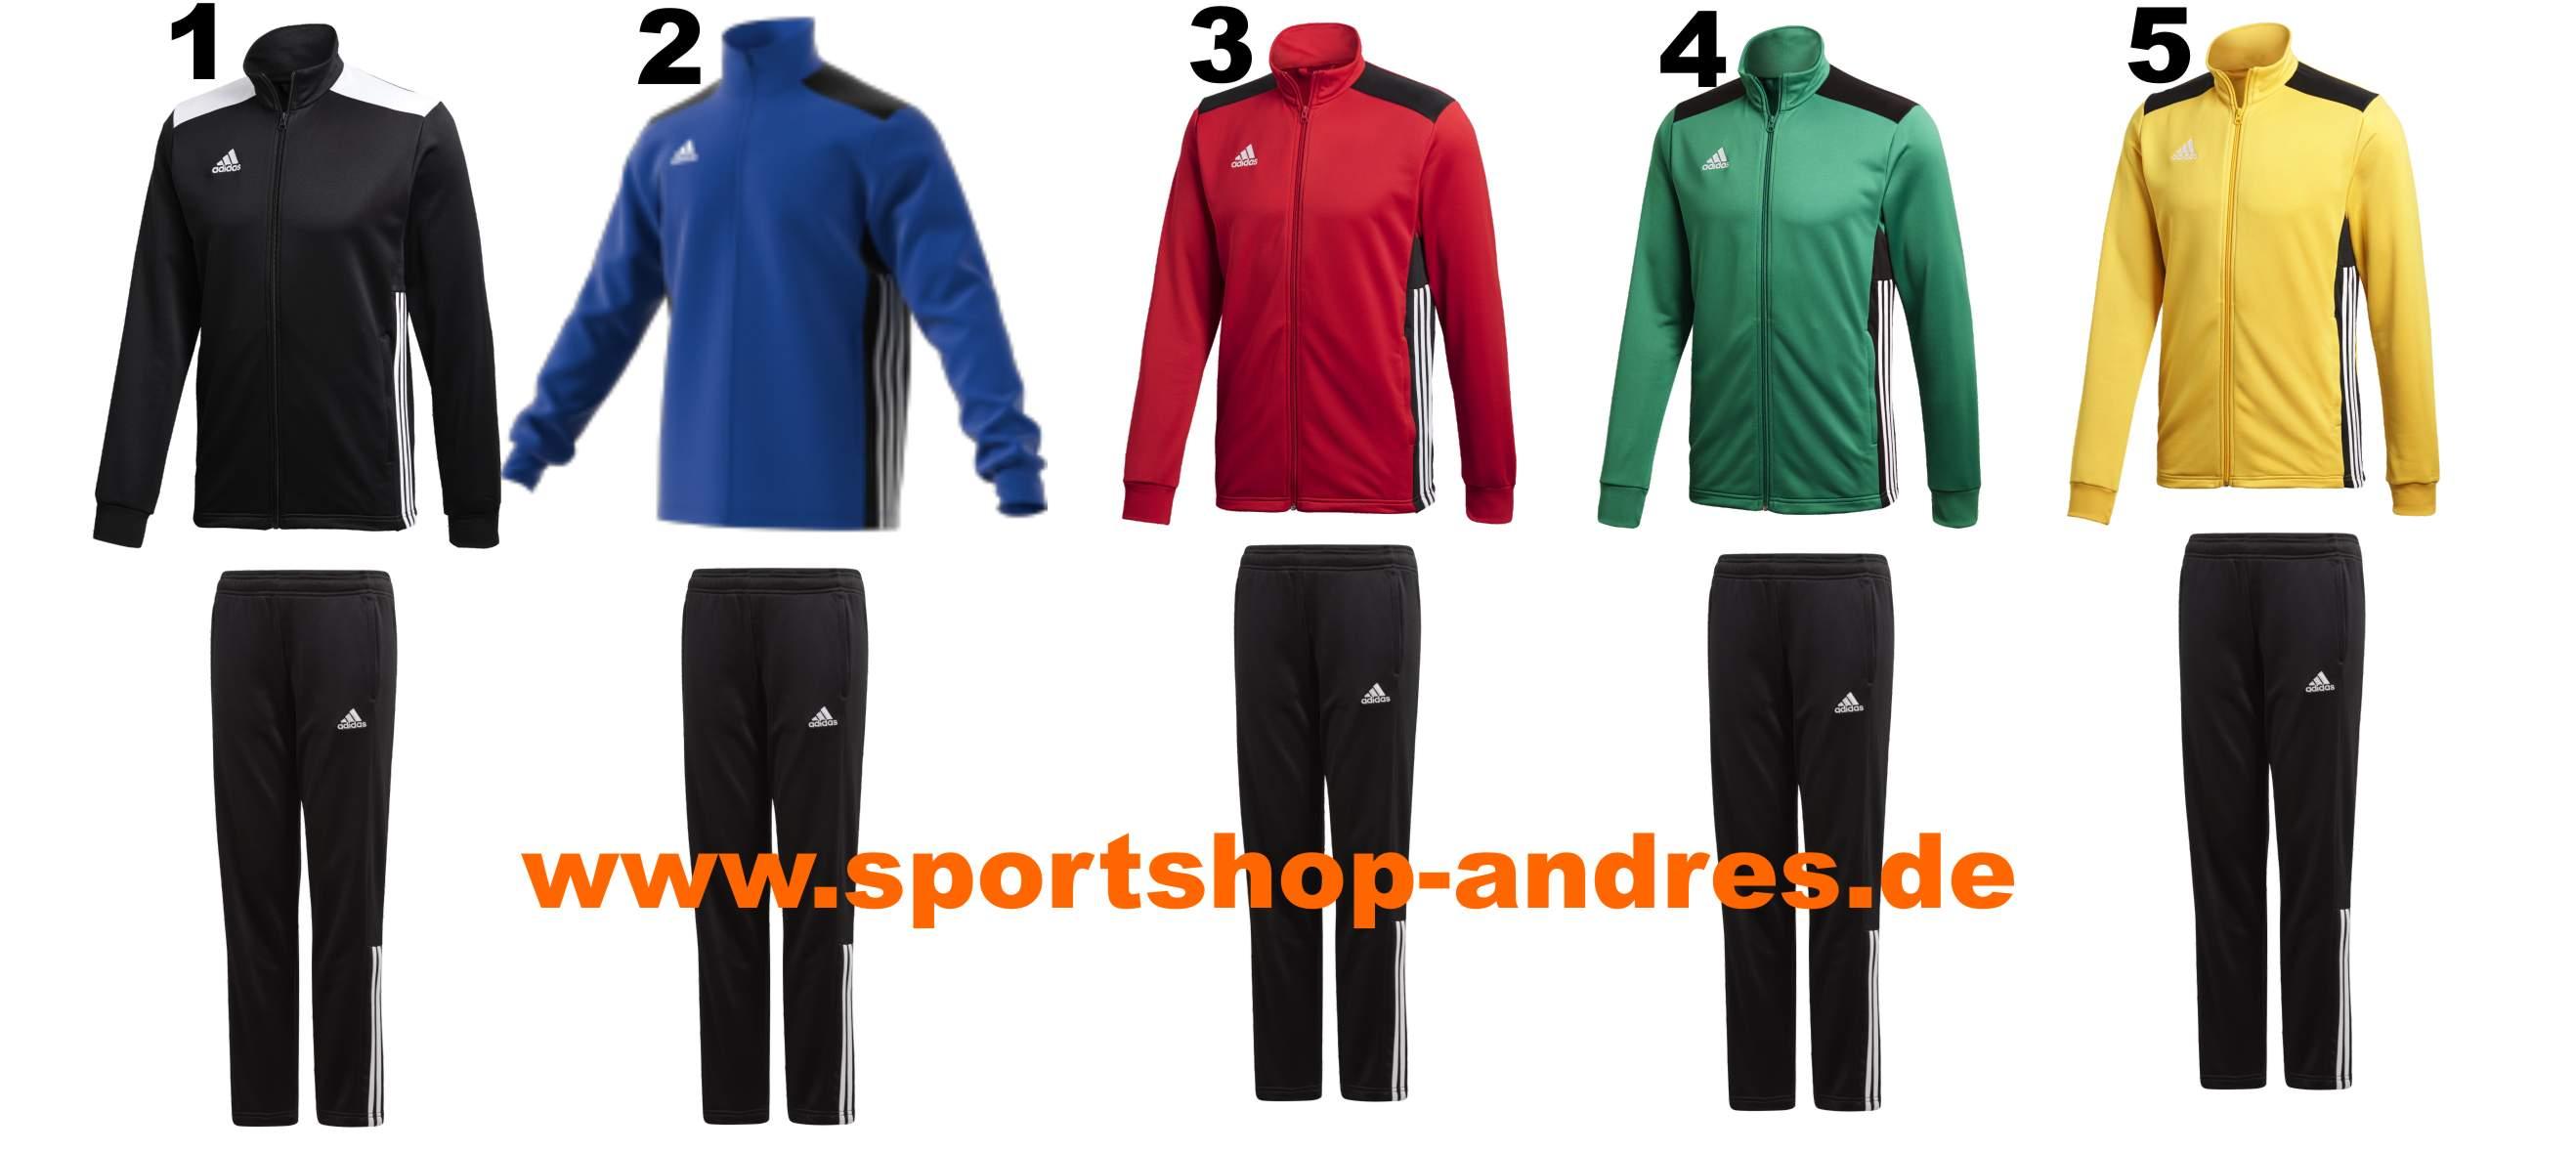 cf7bb1f1ef528f Sportshop Andres - Adidas Regista 18 Polyesteranzug schon ab 35